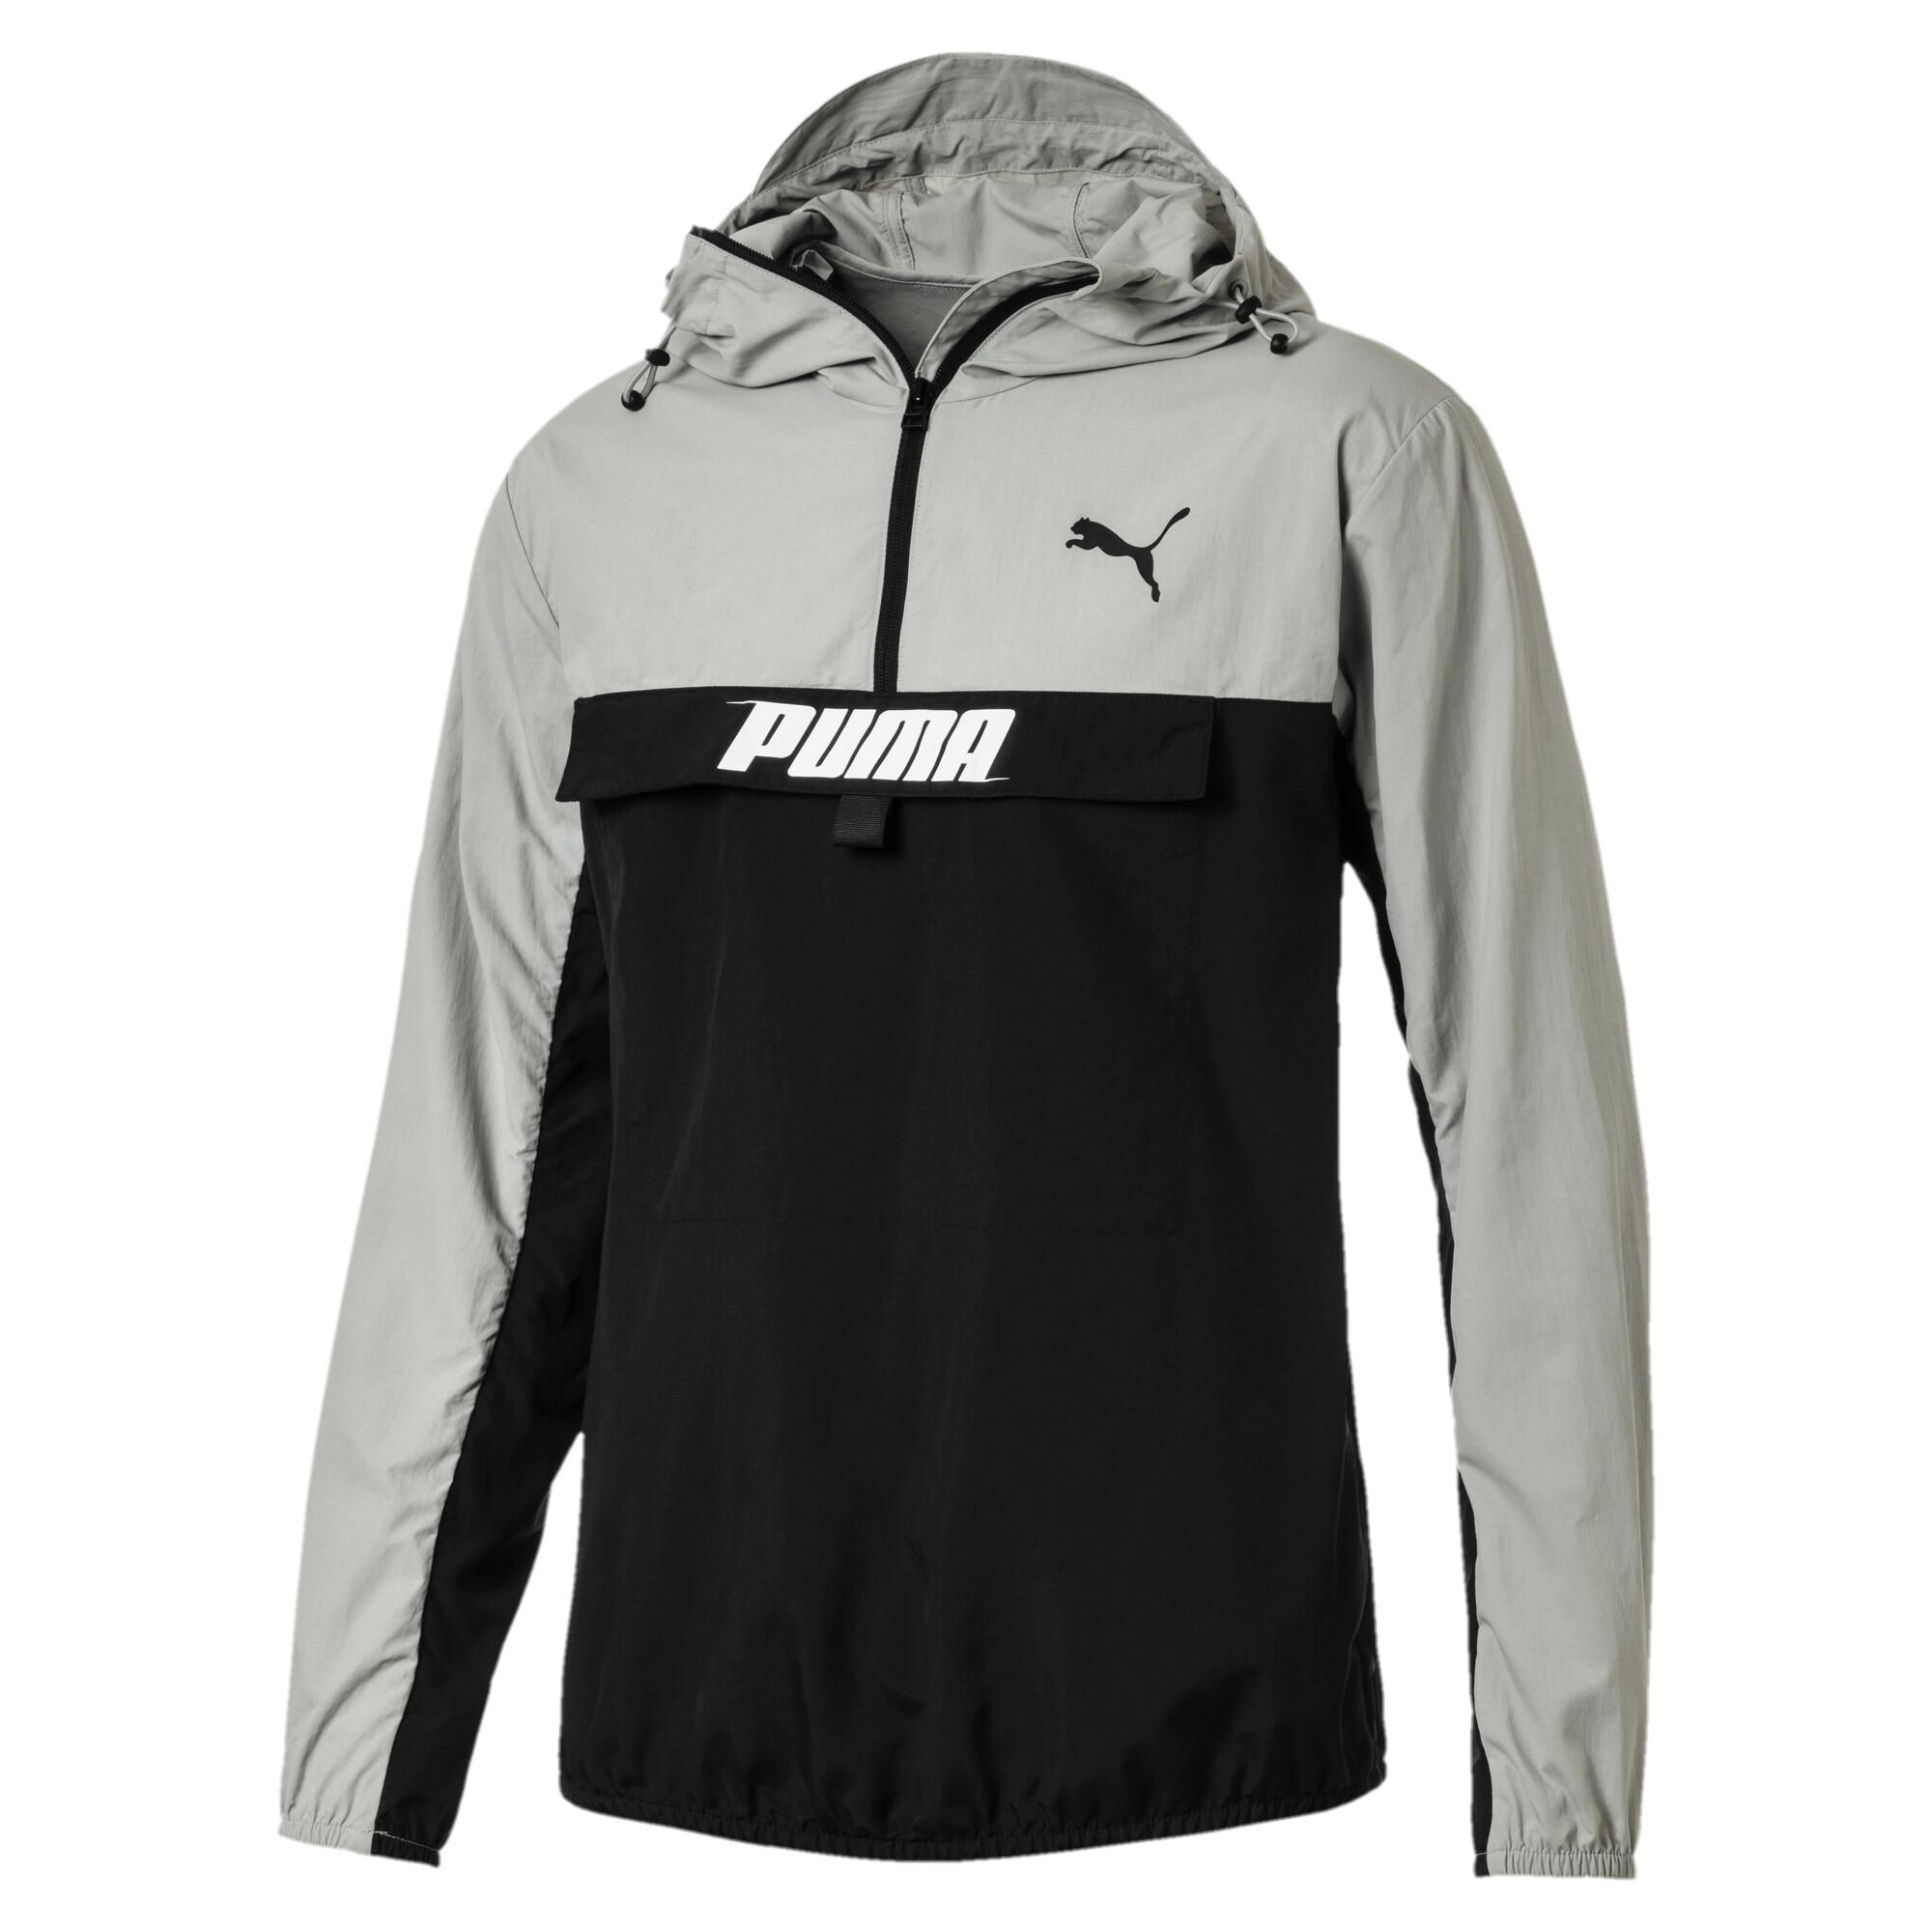 5b9101071fd Спортивные мужские куртки с капюшоном Puma - купите в интернет-магазине